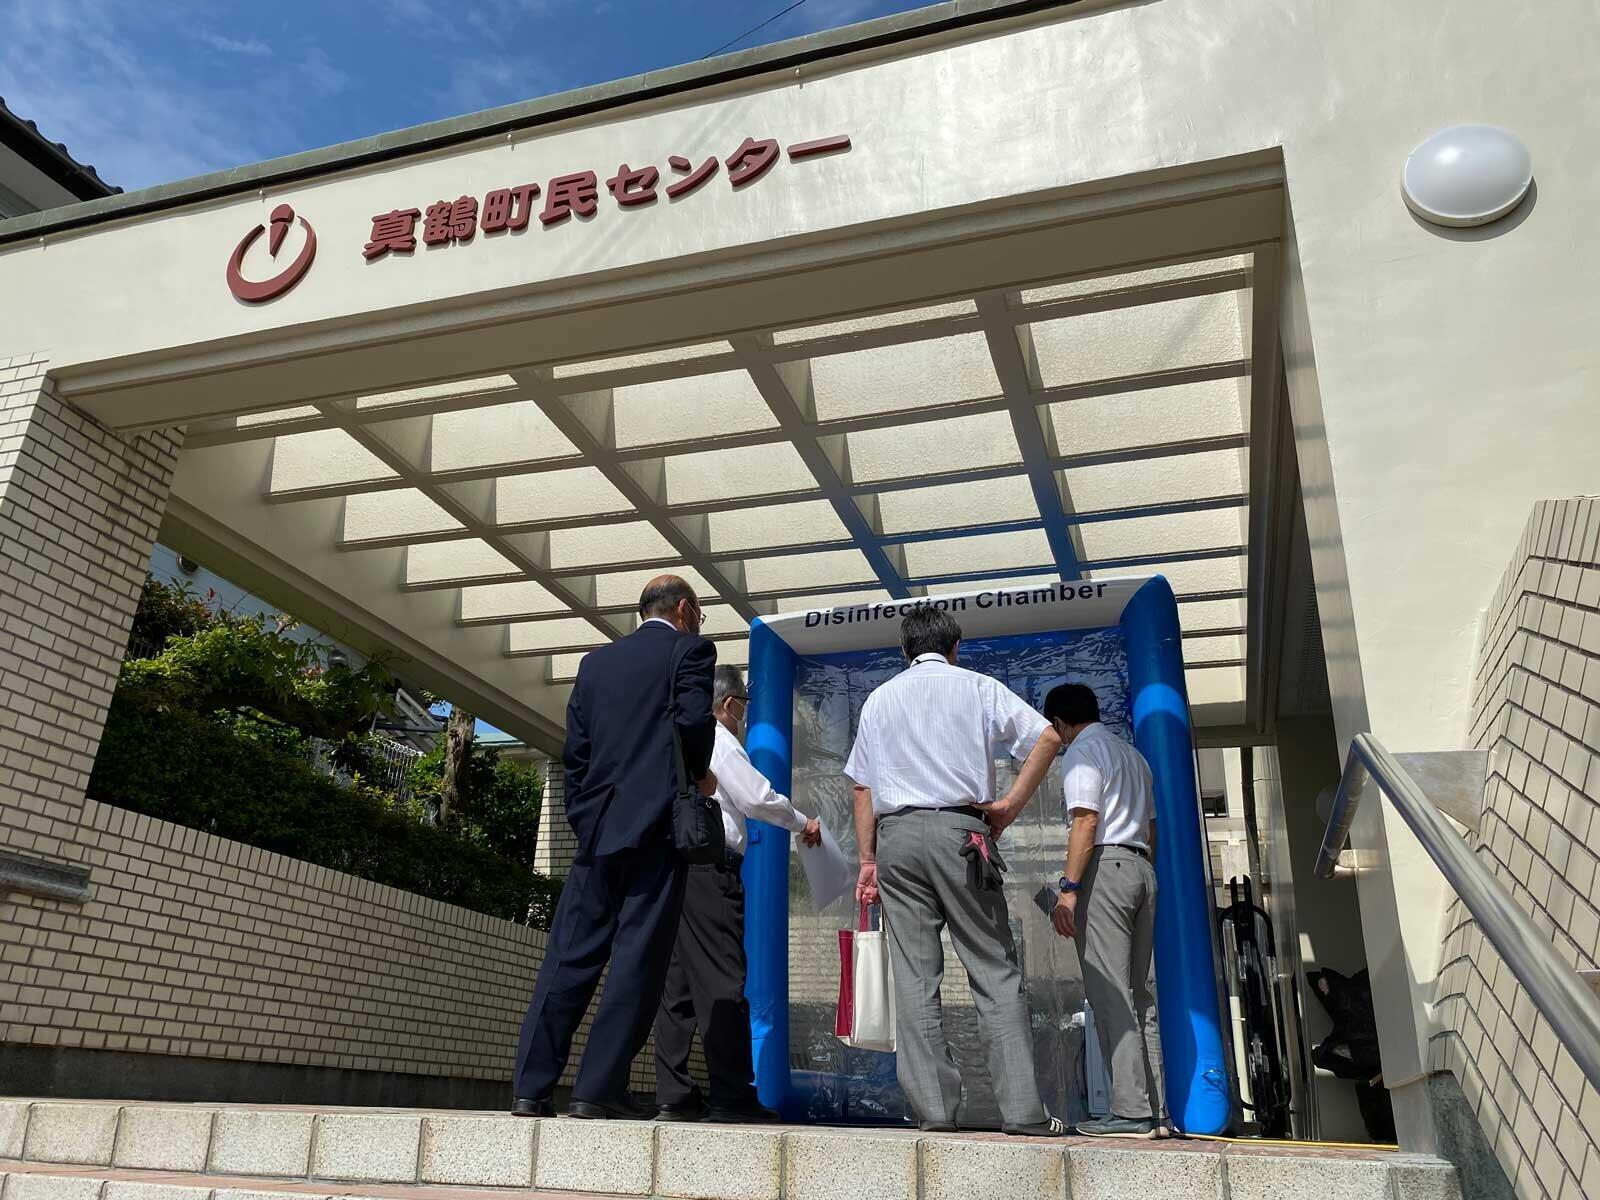 【コロナに勝つ! ニッポンの会社】手を使わない、接触しないがキーワード 入場時に「まるごと除菌」のゲートに足を使うドアノブ